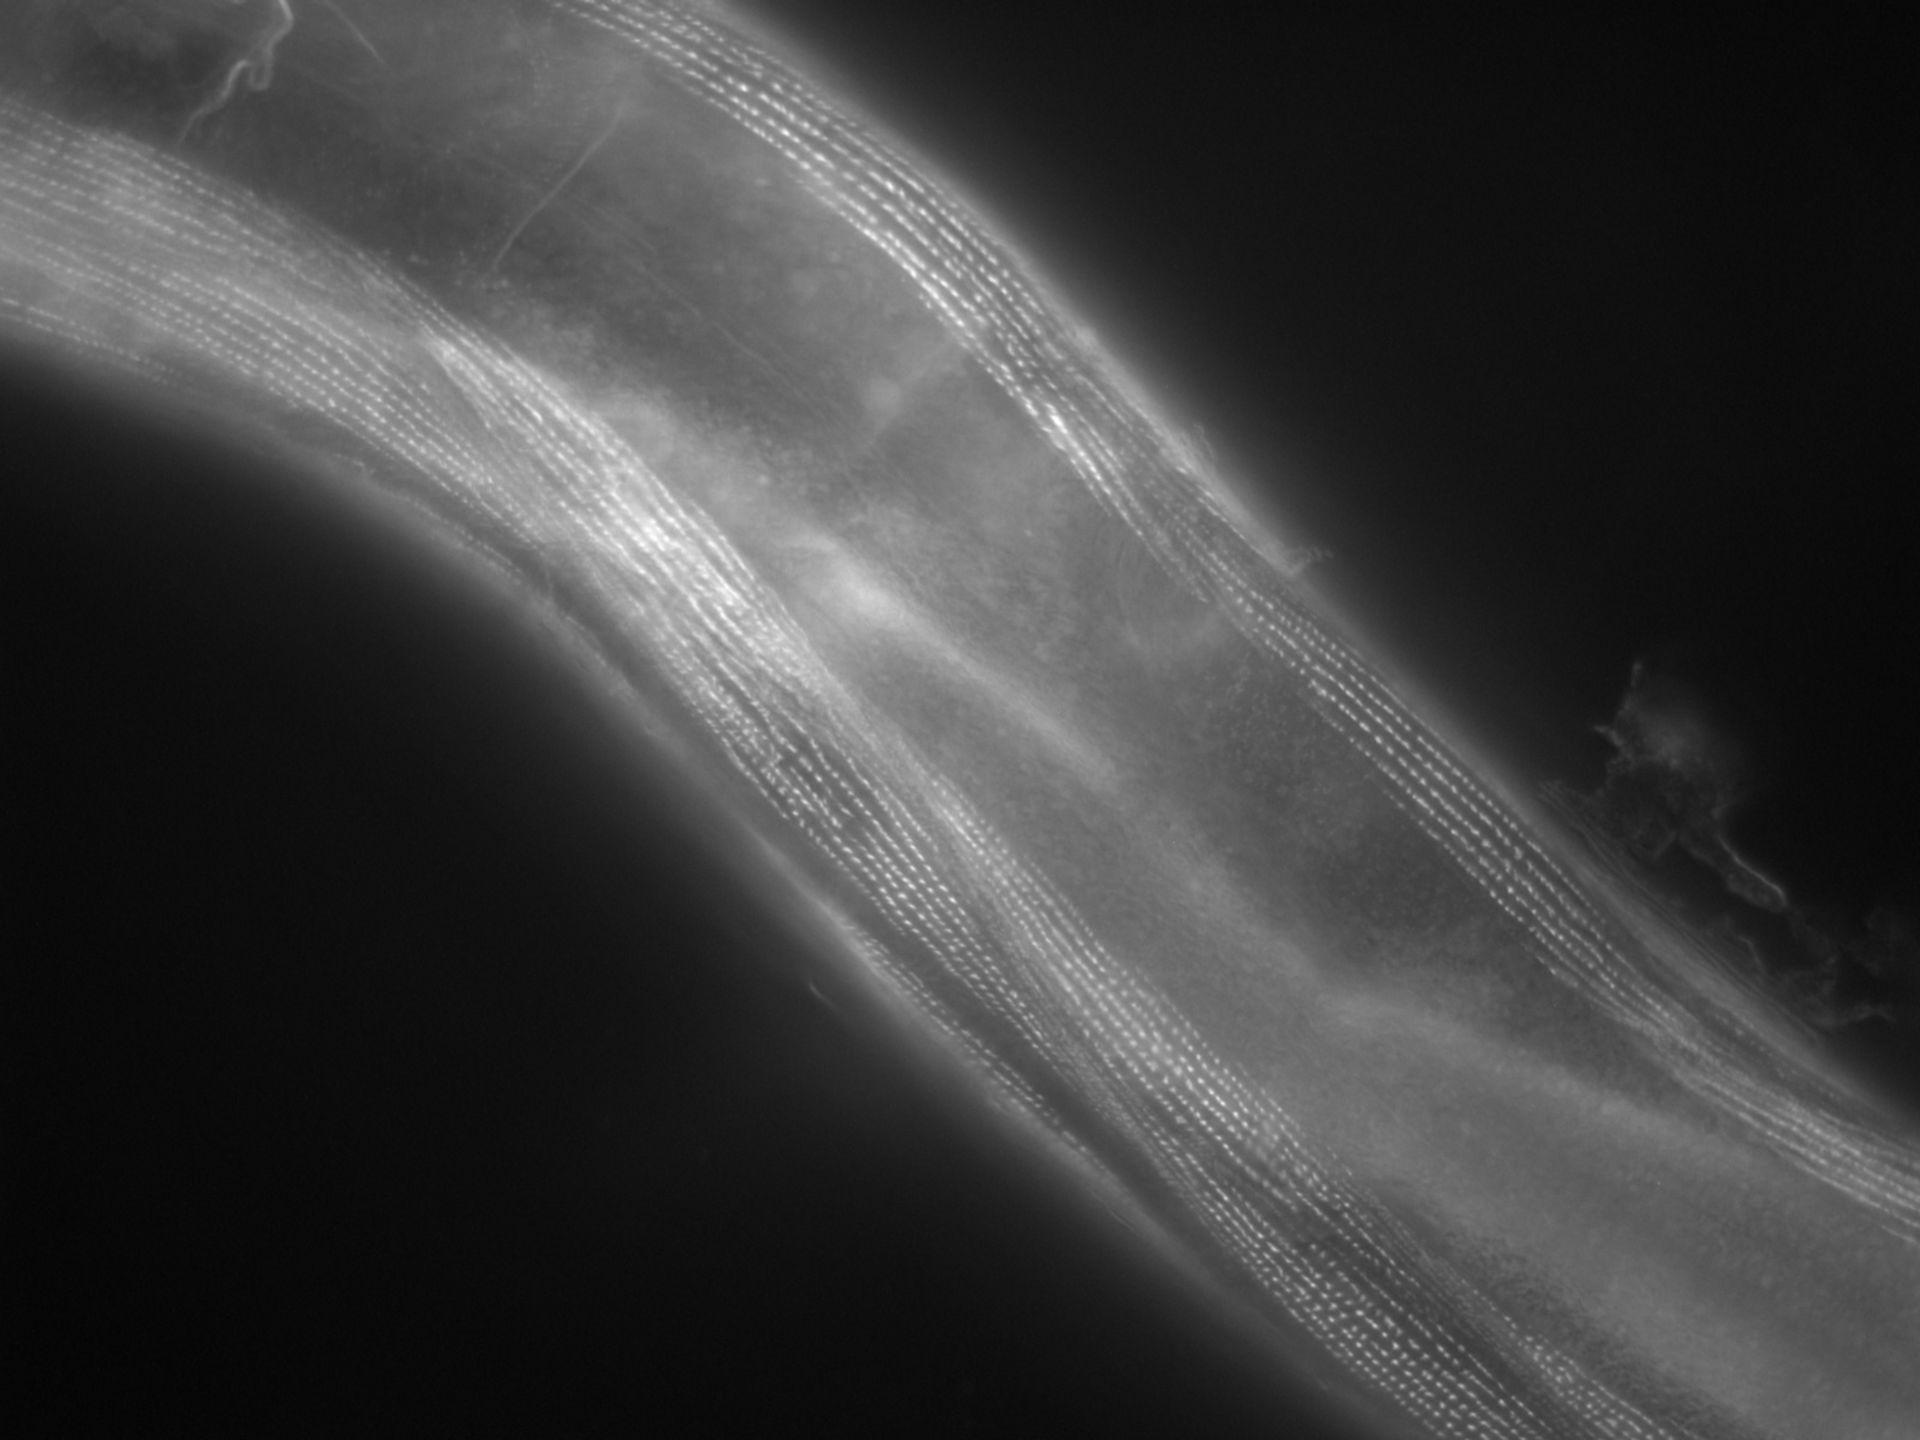 Caenorhabditis elegans (Actin filament) - CIL:1123